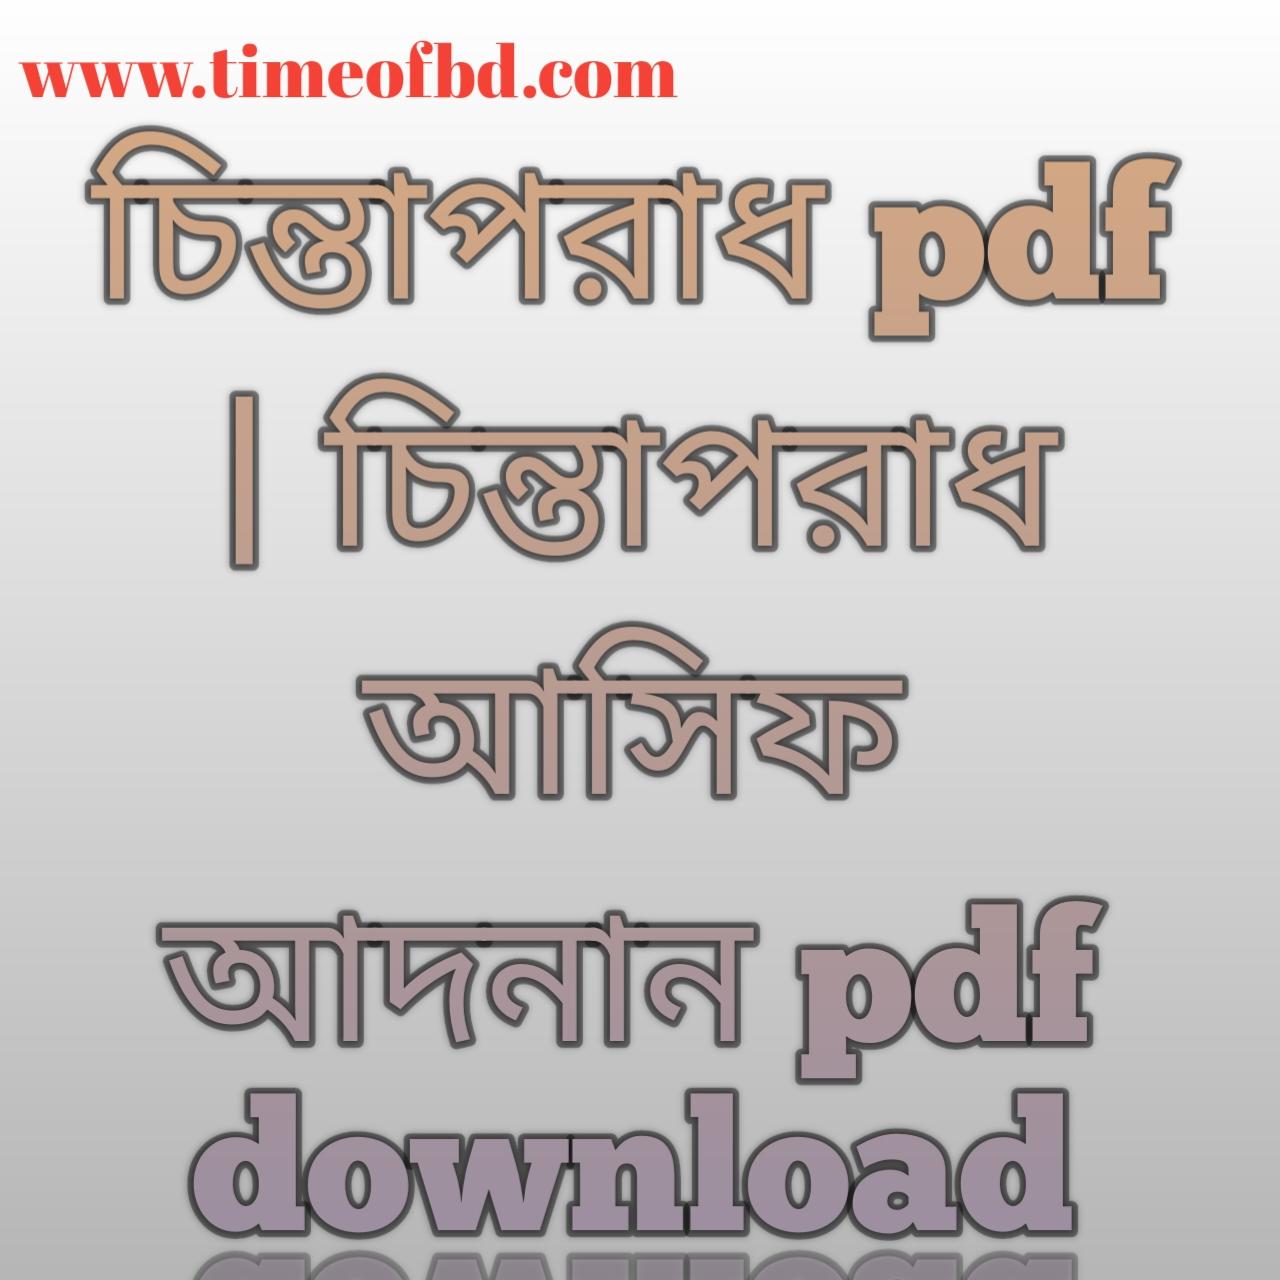 চিন্তাপরাধ pdf, চিন্তাপরাধ আসিফ আদনান pdf download, চিন্তাপরাধ pdf free download,